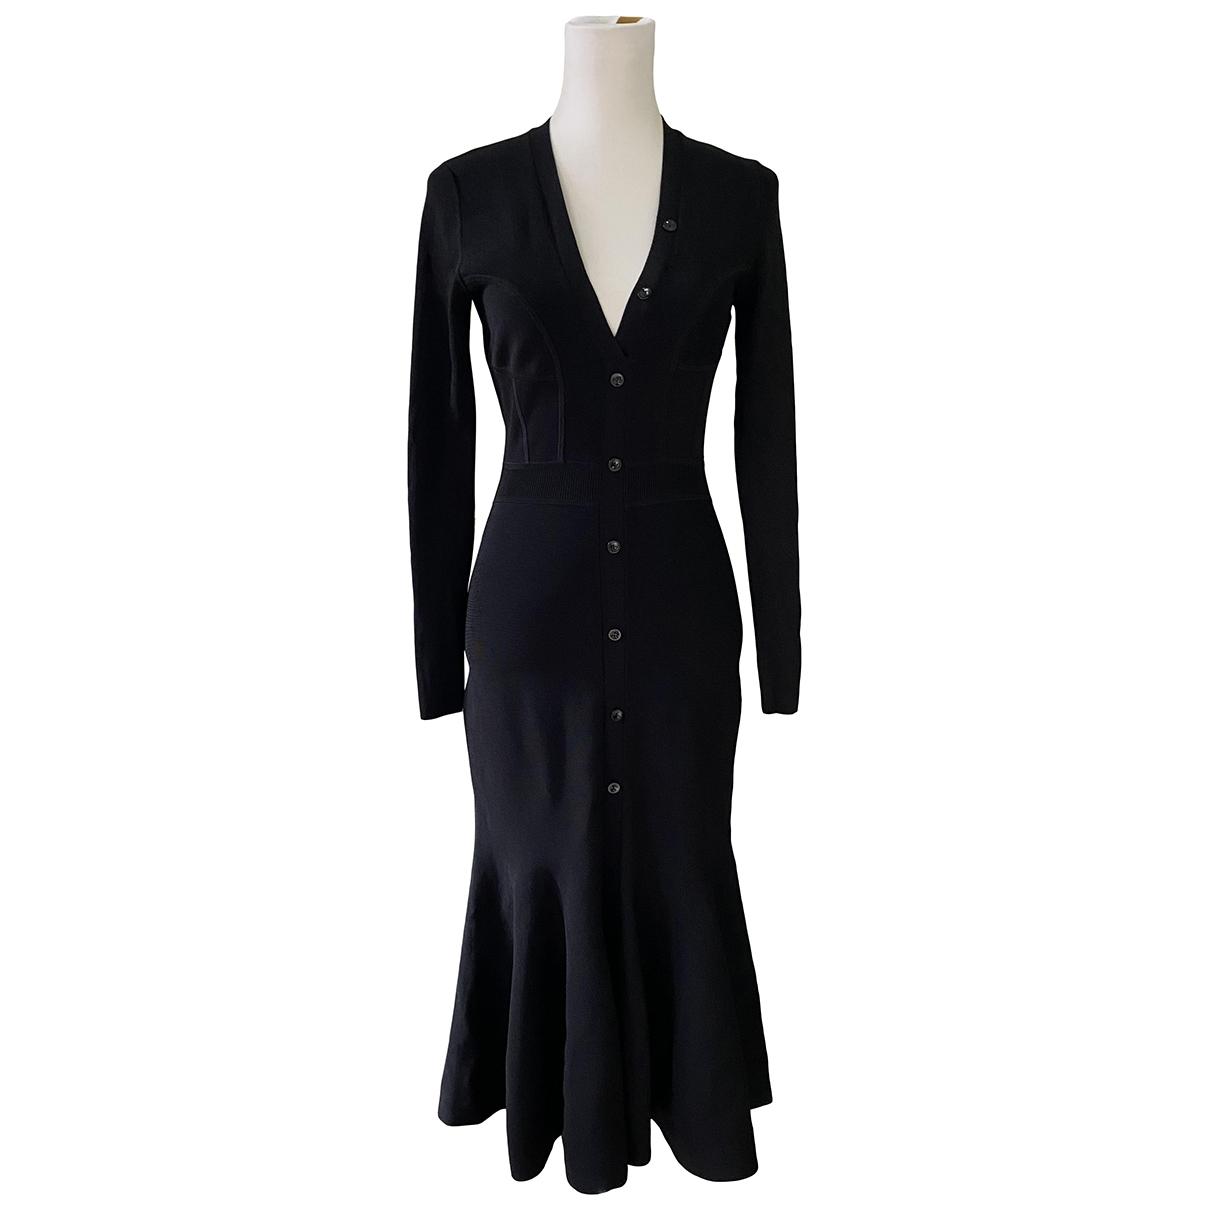 Narciso Rodriguez \N Kleid in  Schwarz Viskose